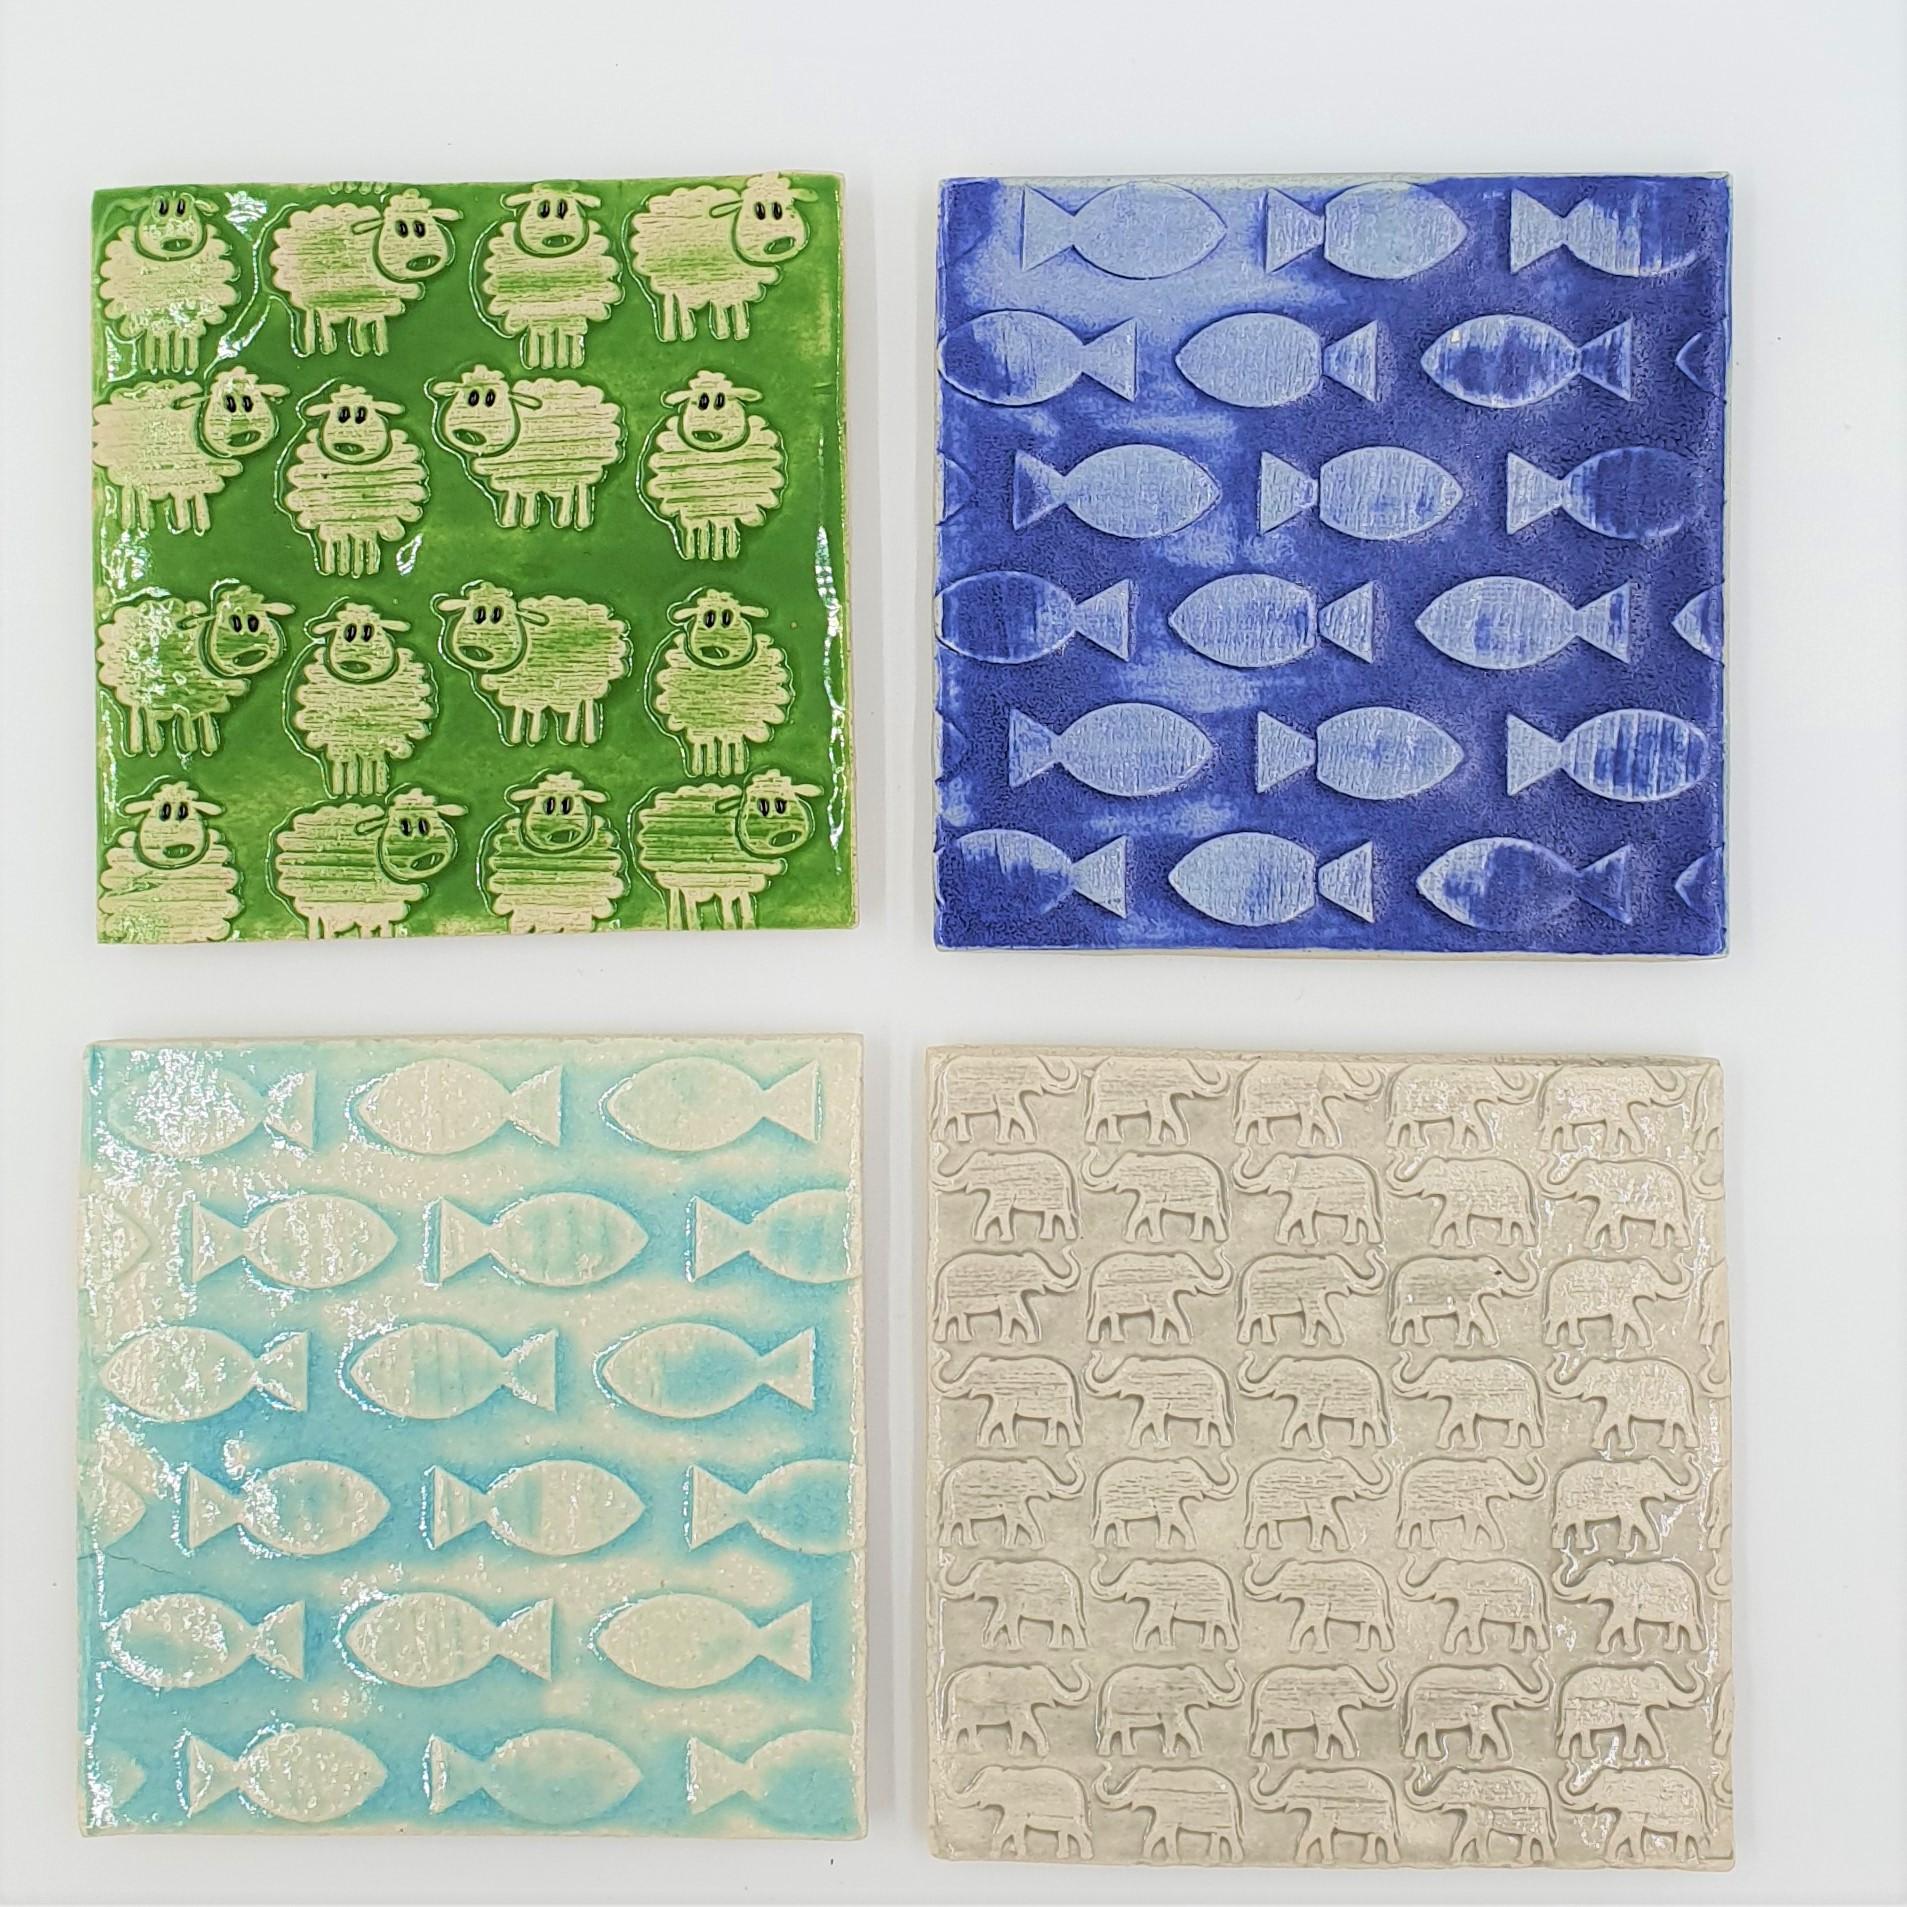 Ethel's Ceramic Coasters